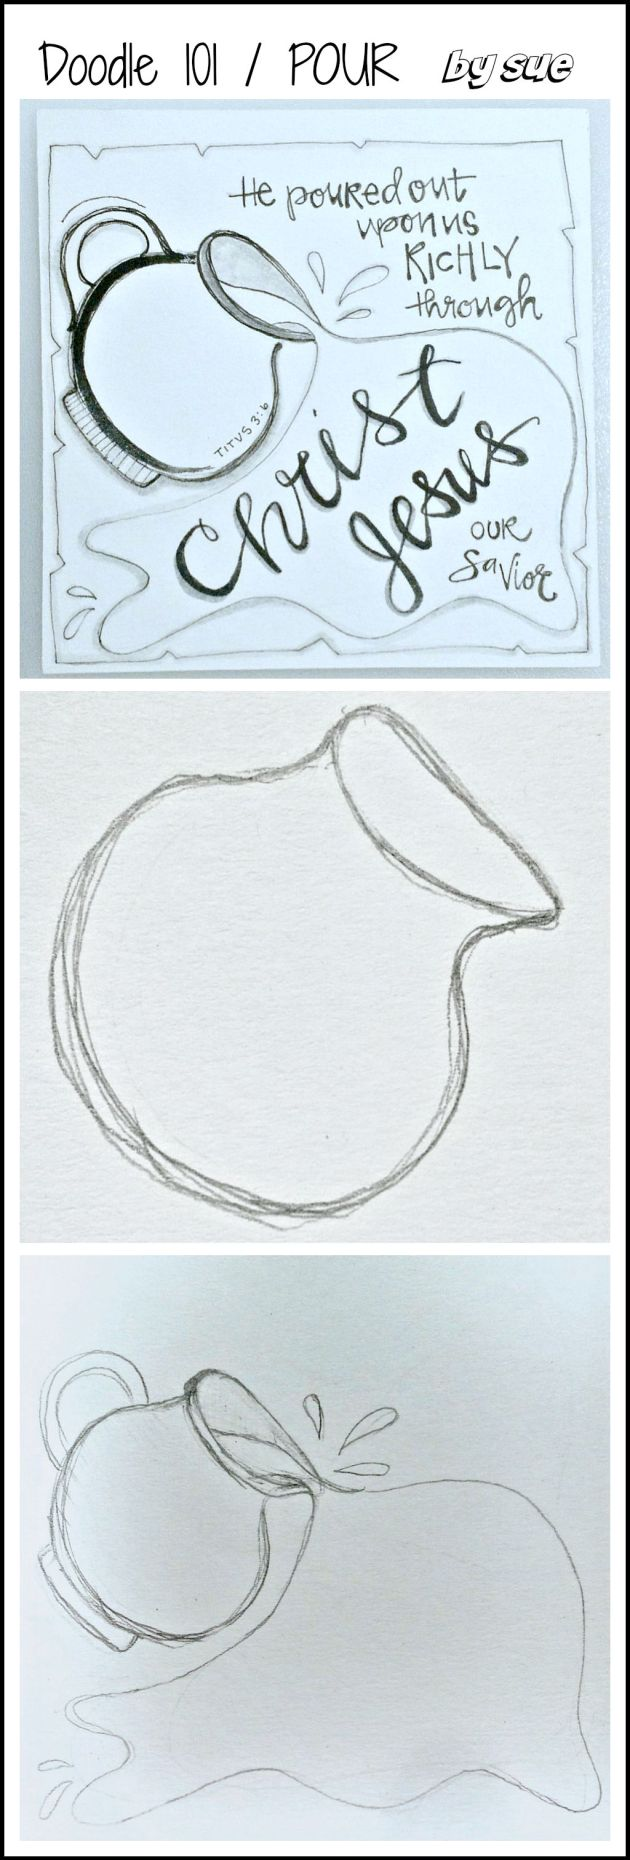 BAJ/Doodle101/POUR:Sue Carroll